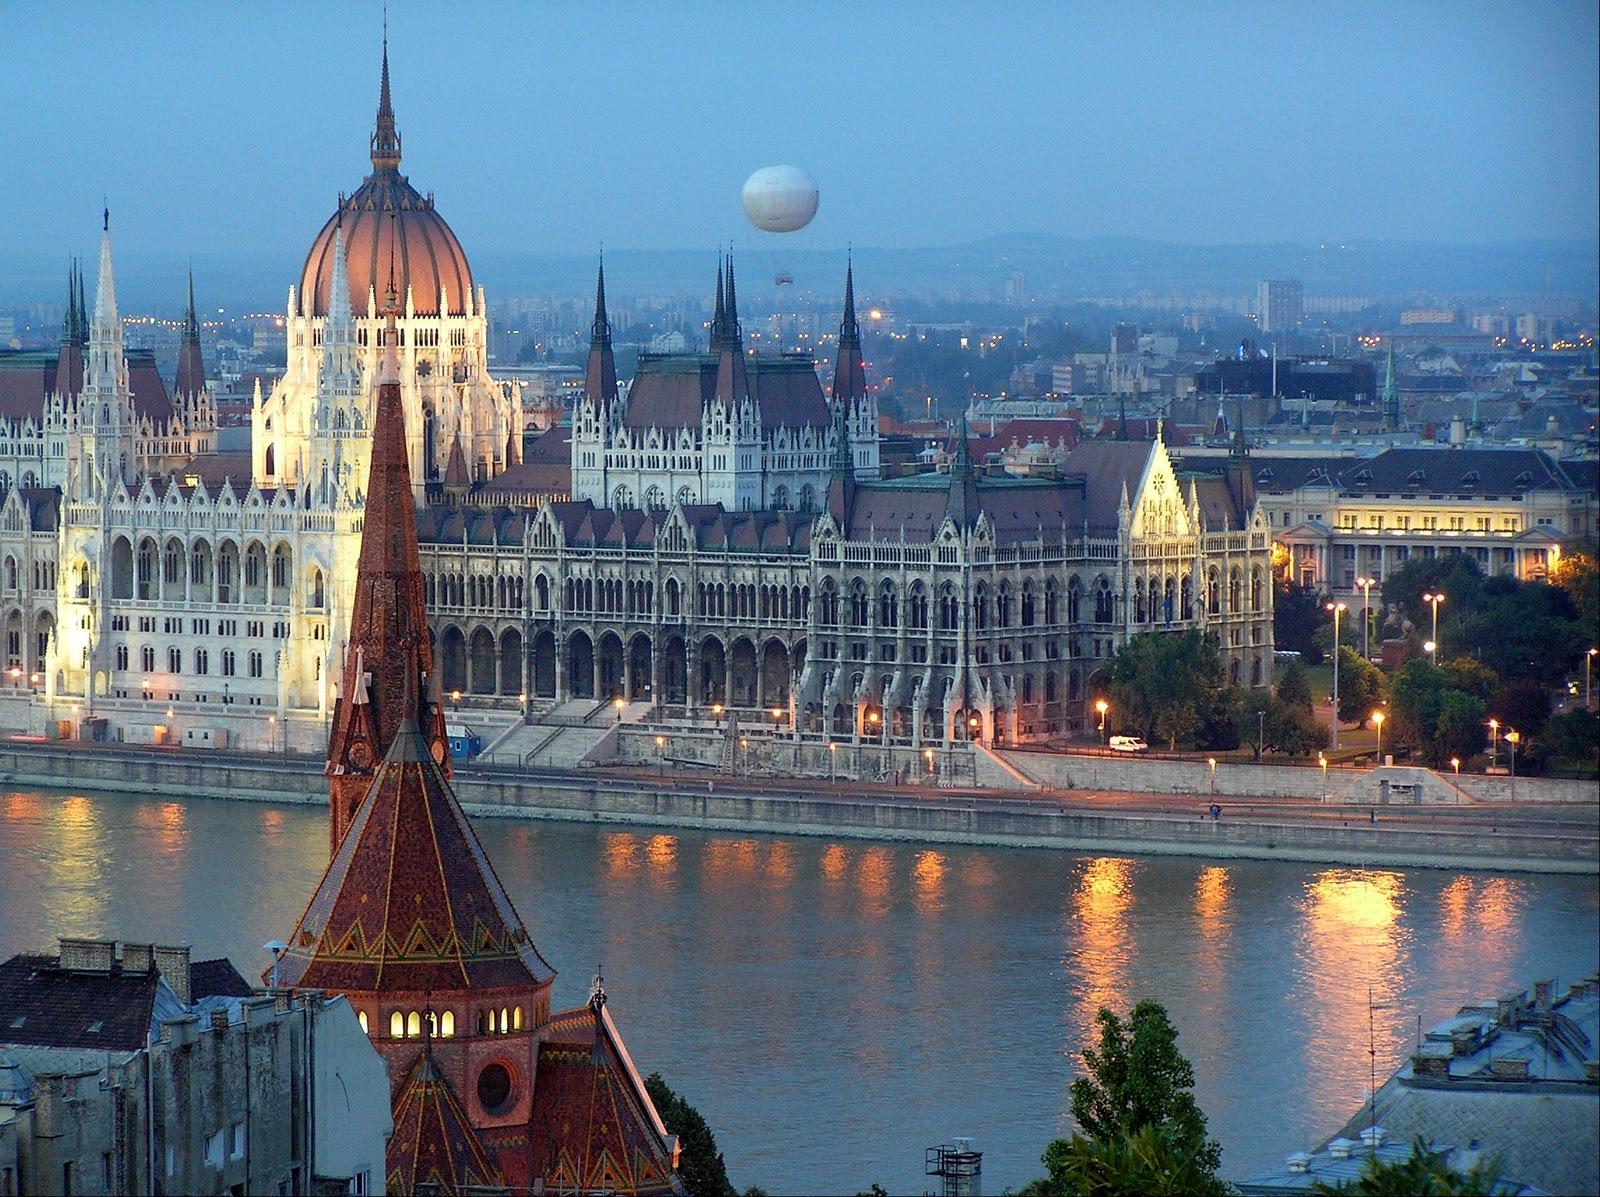 http://marinettedesign.do.am/Budapest/bpkepek/Budapest-4.jpg